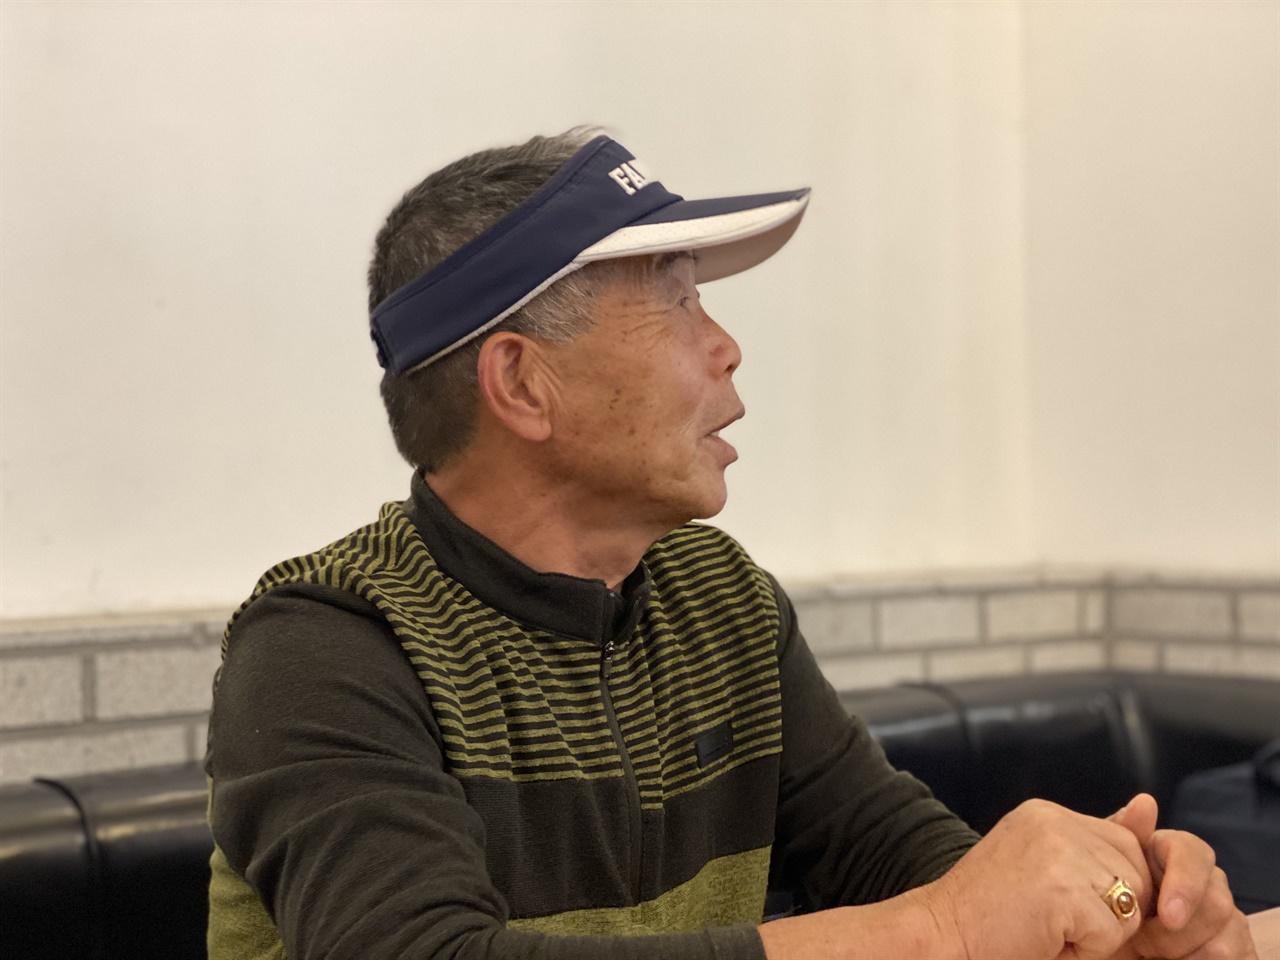 서귀포의 한 카페에서 인터뷰 중인 김영천씨.